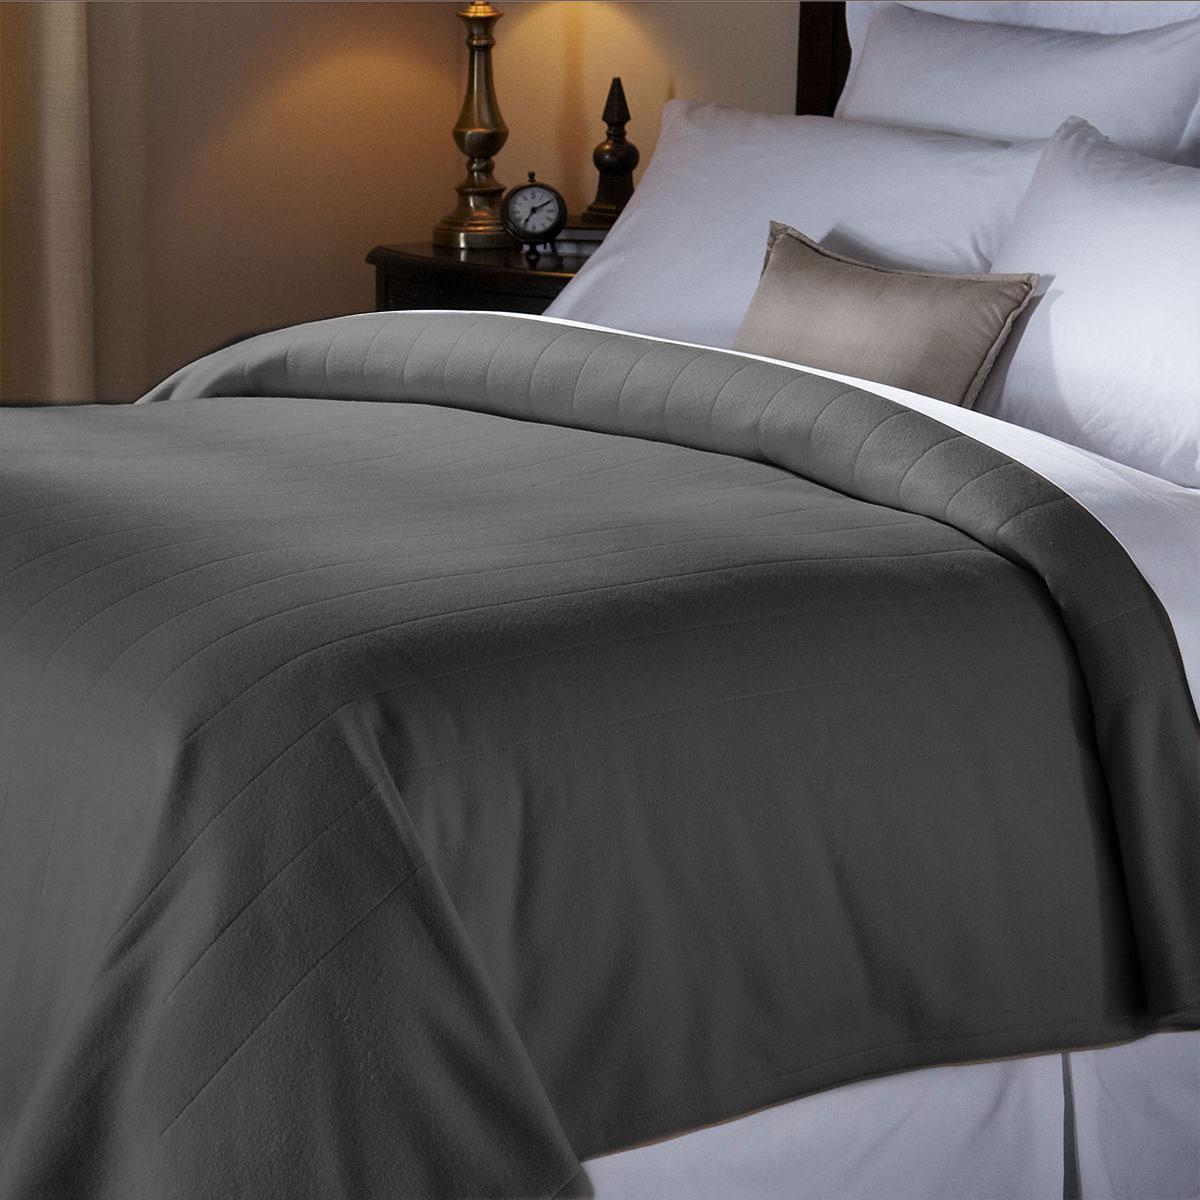 Sunbeam Heated Blanket Queen Electric Fleece Bed Warming Blankets